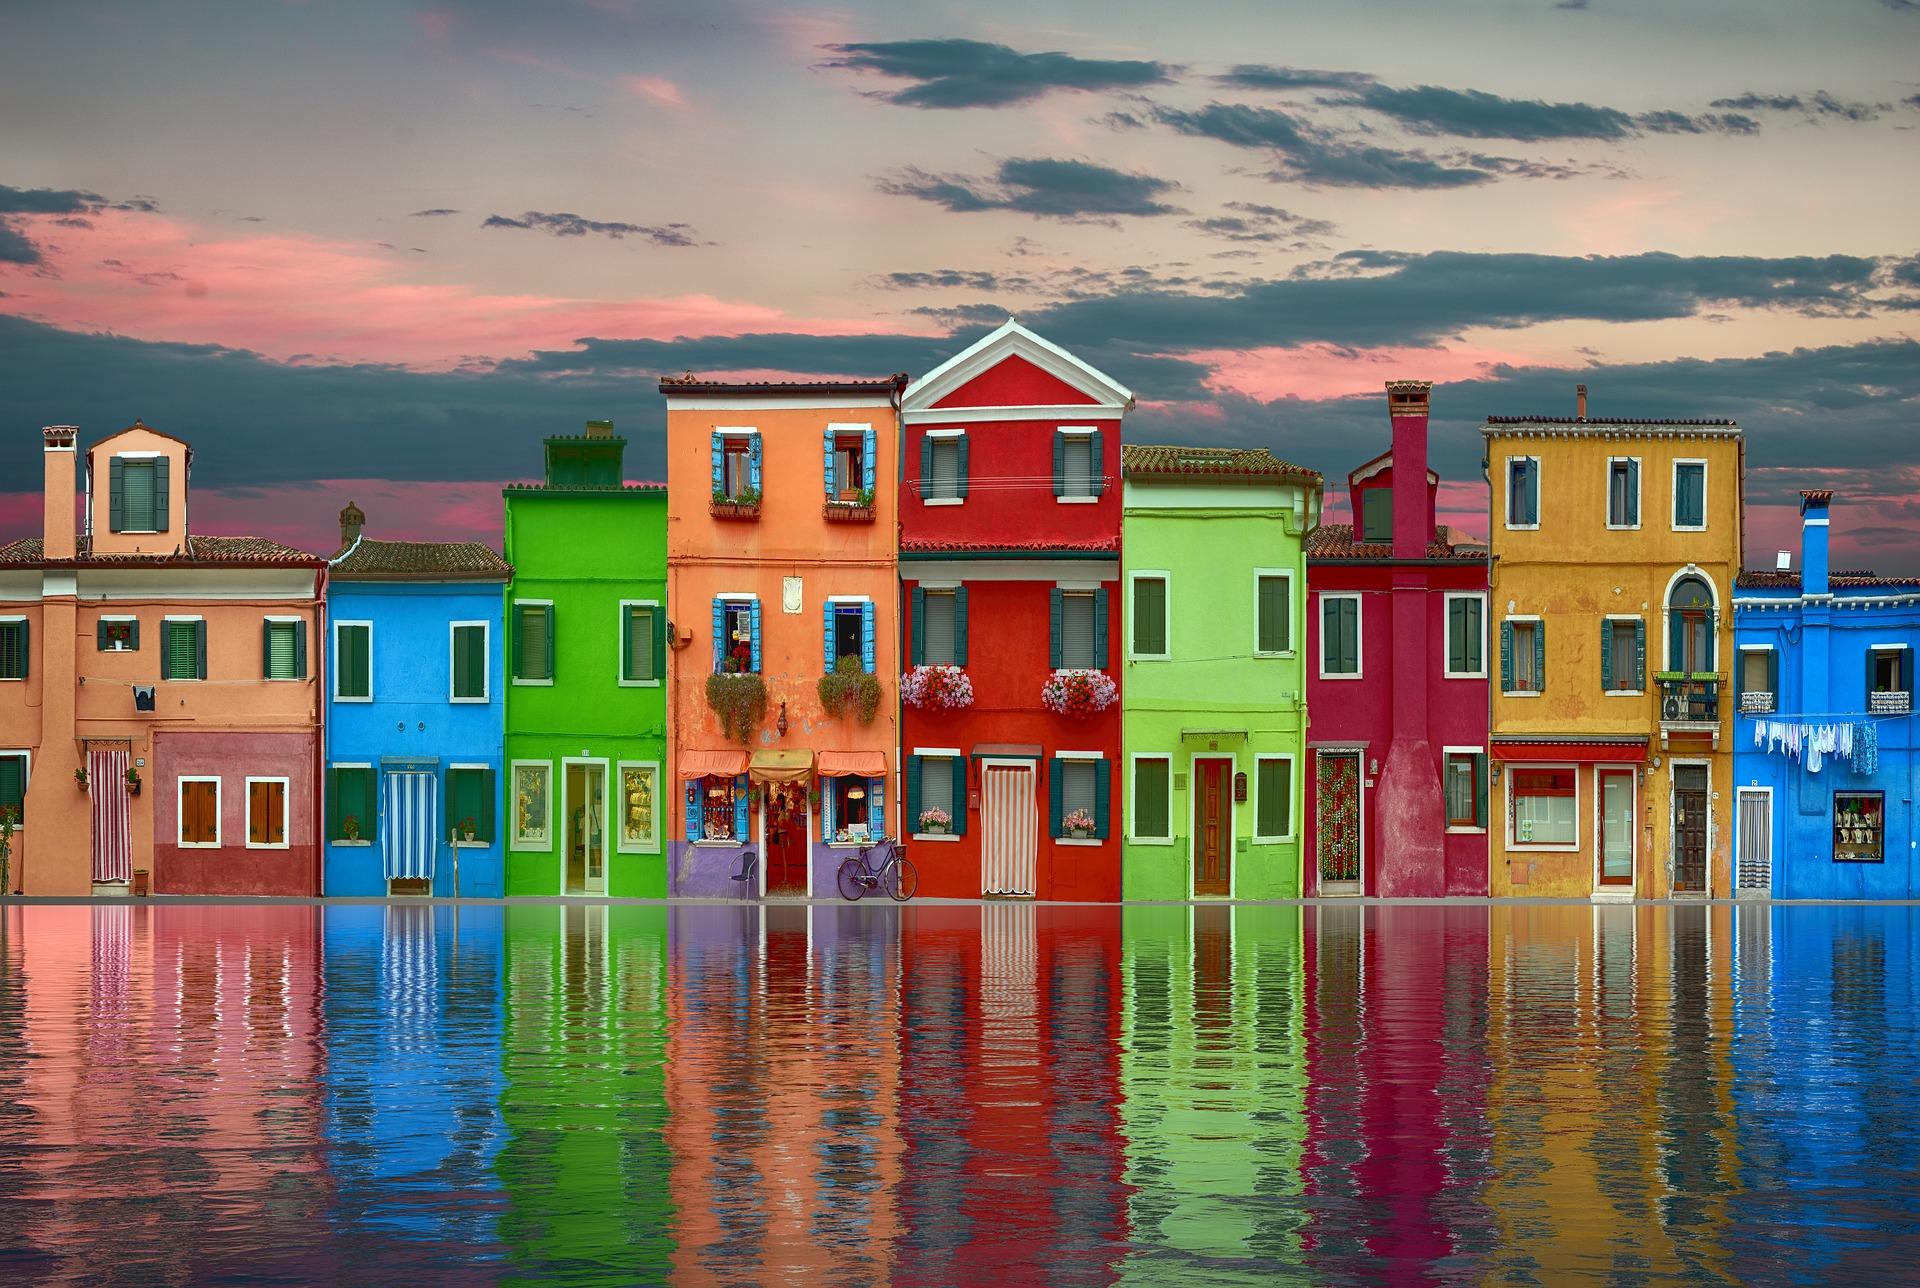 Vous_choisissez_les_couleurs_extérieures_de_votre_maison_?_Sortez_du_cadre_du_beige_